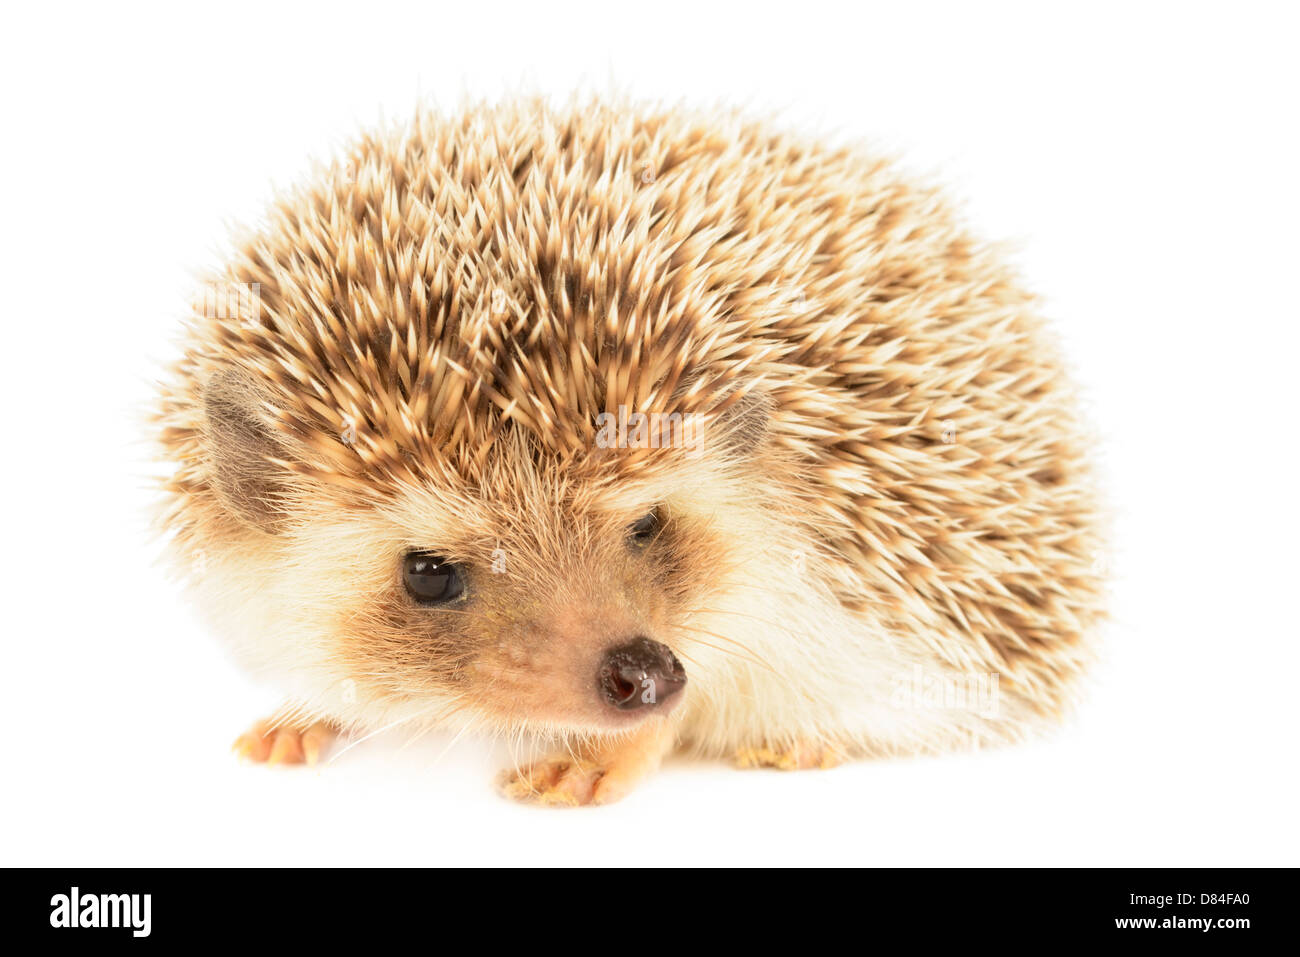 Hedgehog isolated on White background. - Stock Image